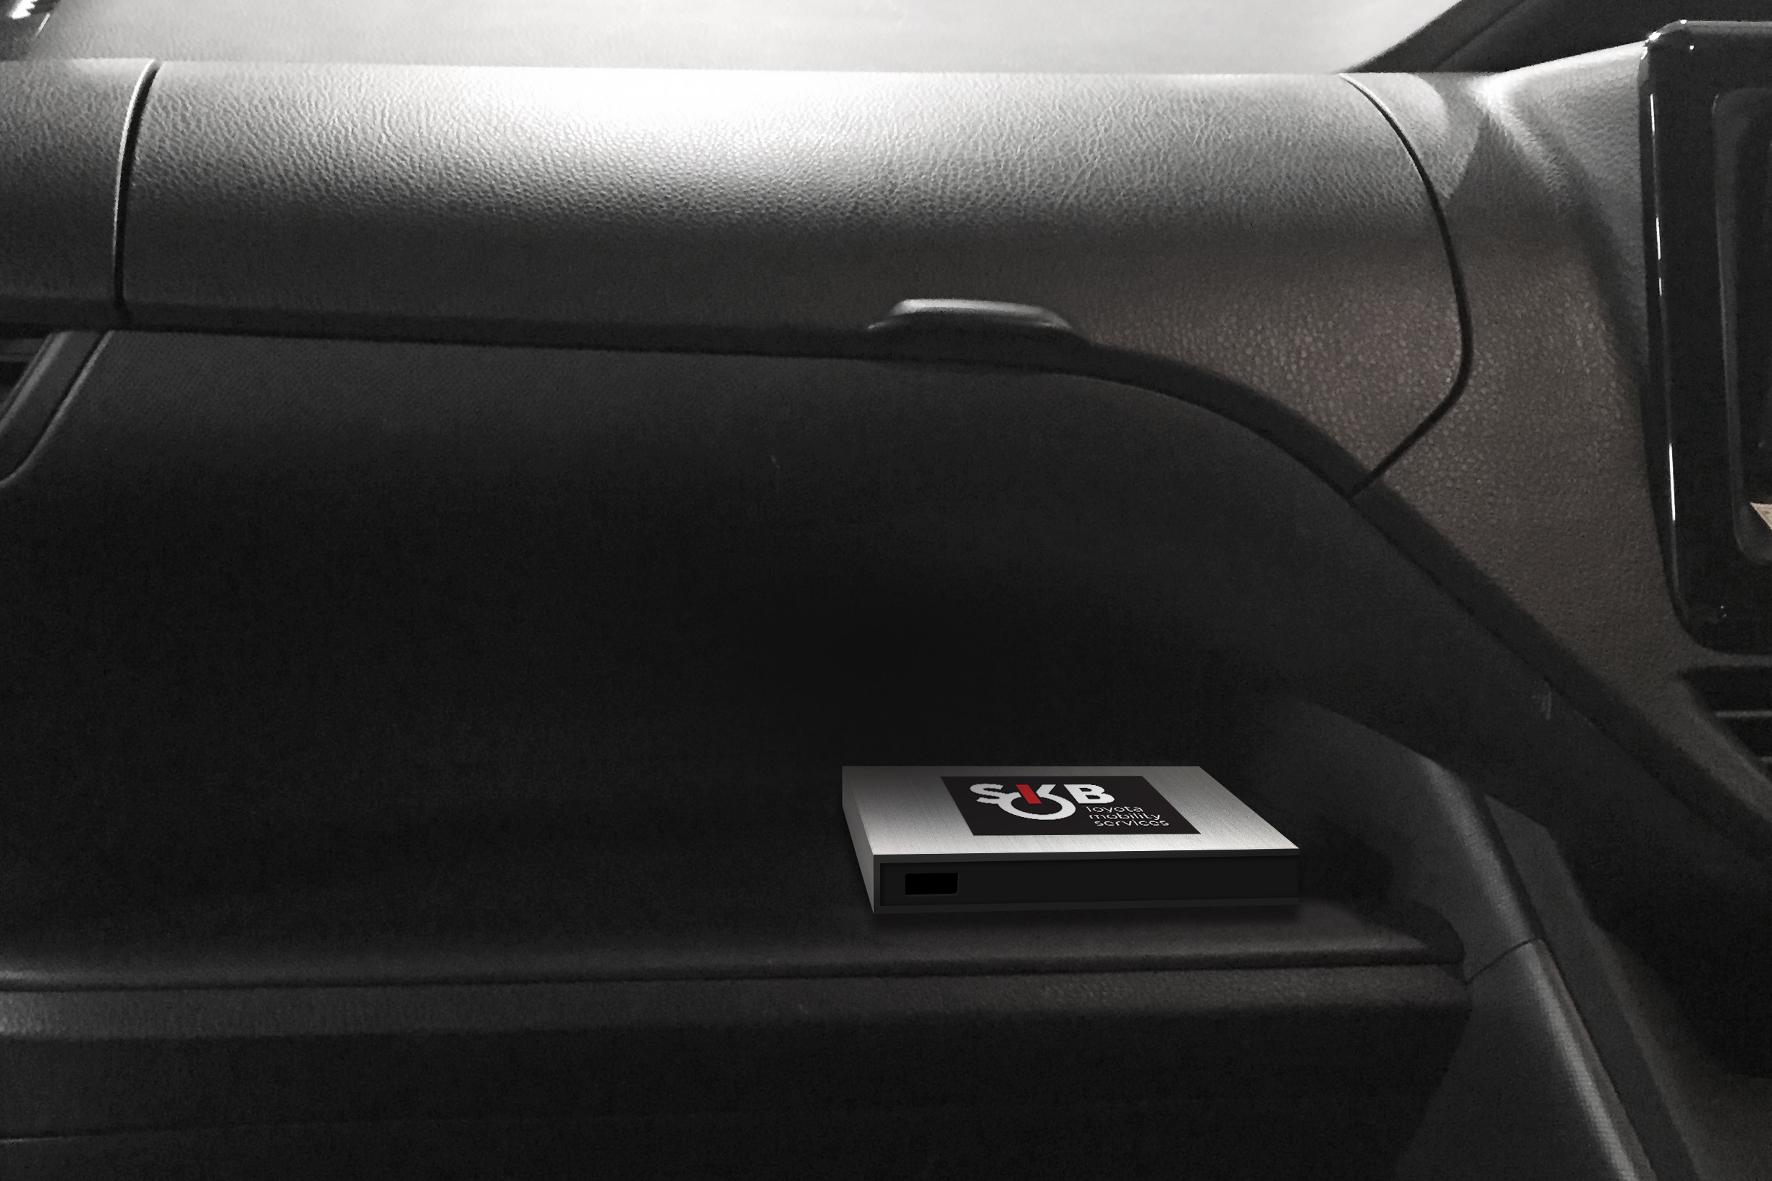 """mid Groß-Gerau - Toyota will die Nutzung von Mobilitätsdienstleistungen wie Carsharing vereinfachen. Einer der Schlüssel dafür ist die sogenannte """"Smart Key Box"""", die im Fahrzeug platziert wird und den Autoschlüssel ersetzt."""